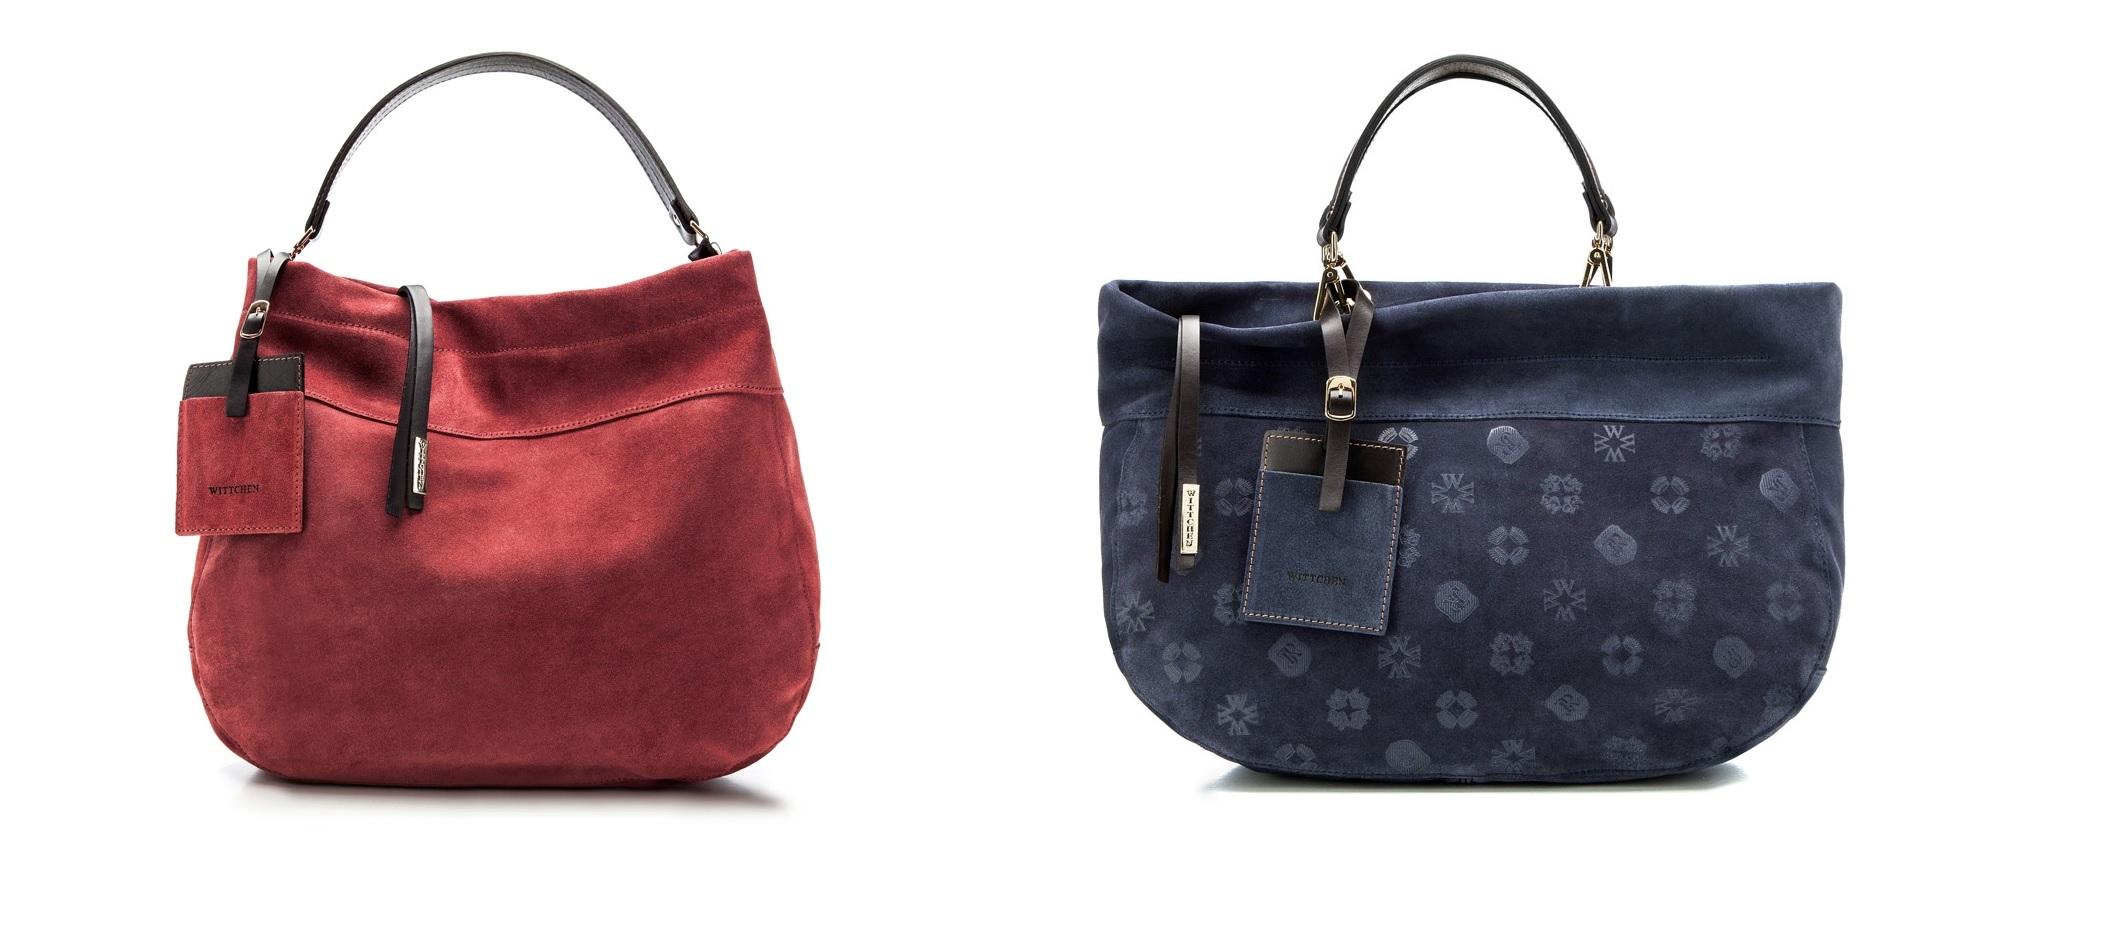 04e8a84afa1c5 Skórzane torebki - jak o nie dbać - WP Kobieta